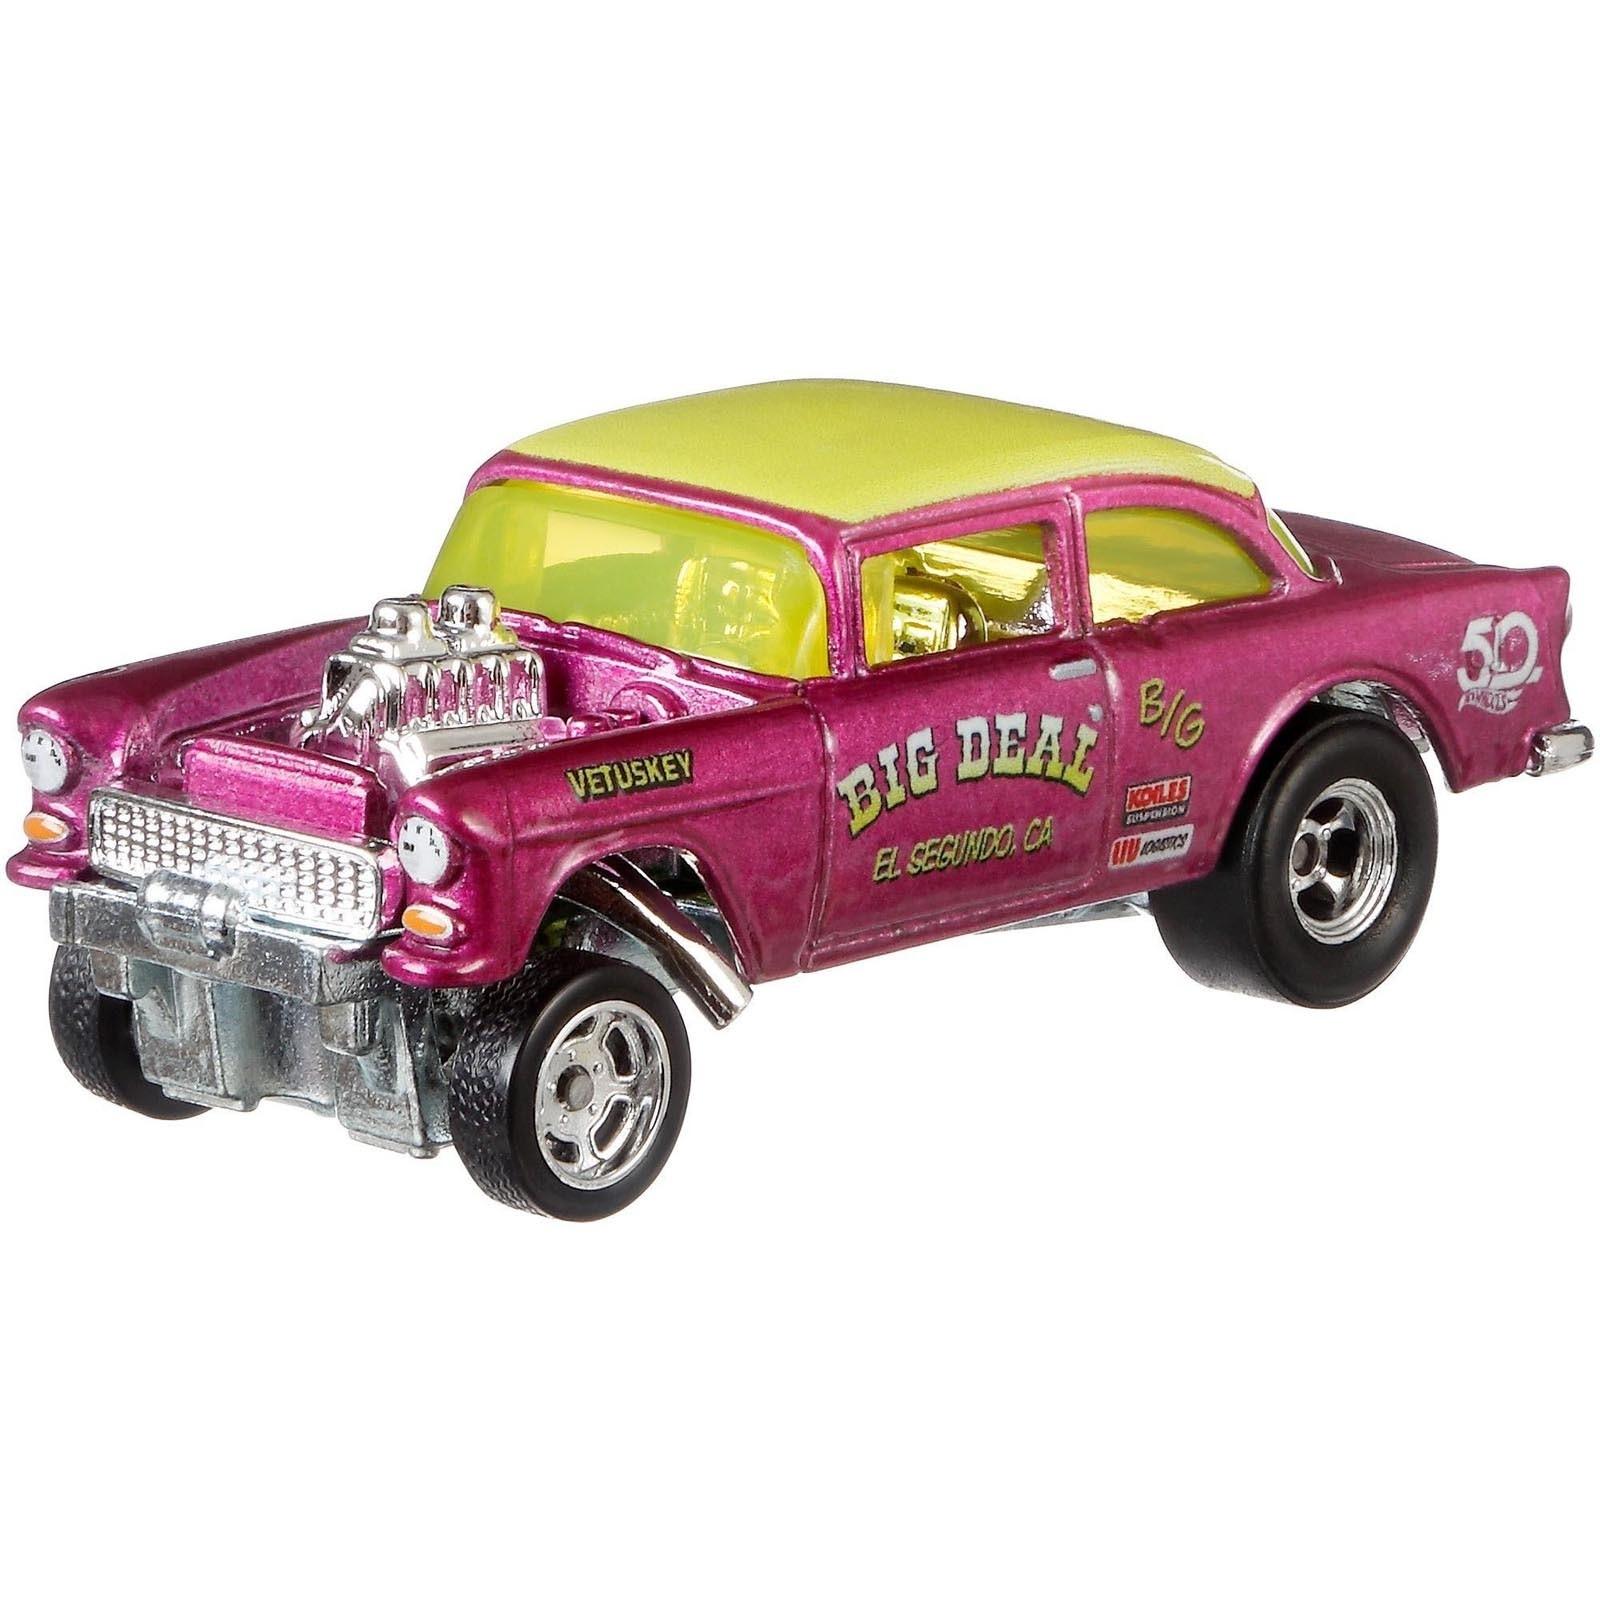 Hot Wheels - '55 Chevy Bel Air Gasser - Favoritos 50 Anos - FLF43